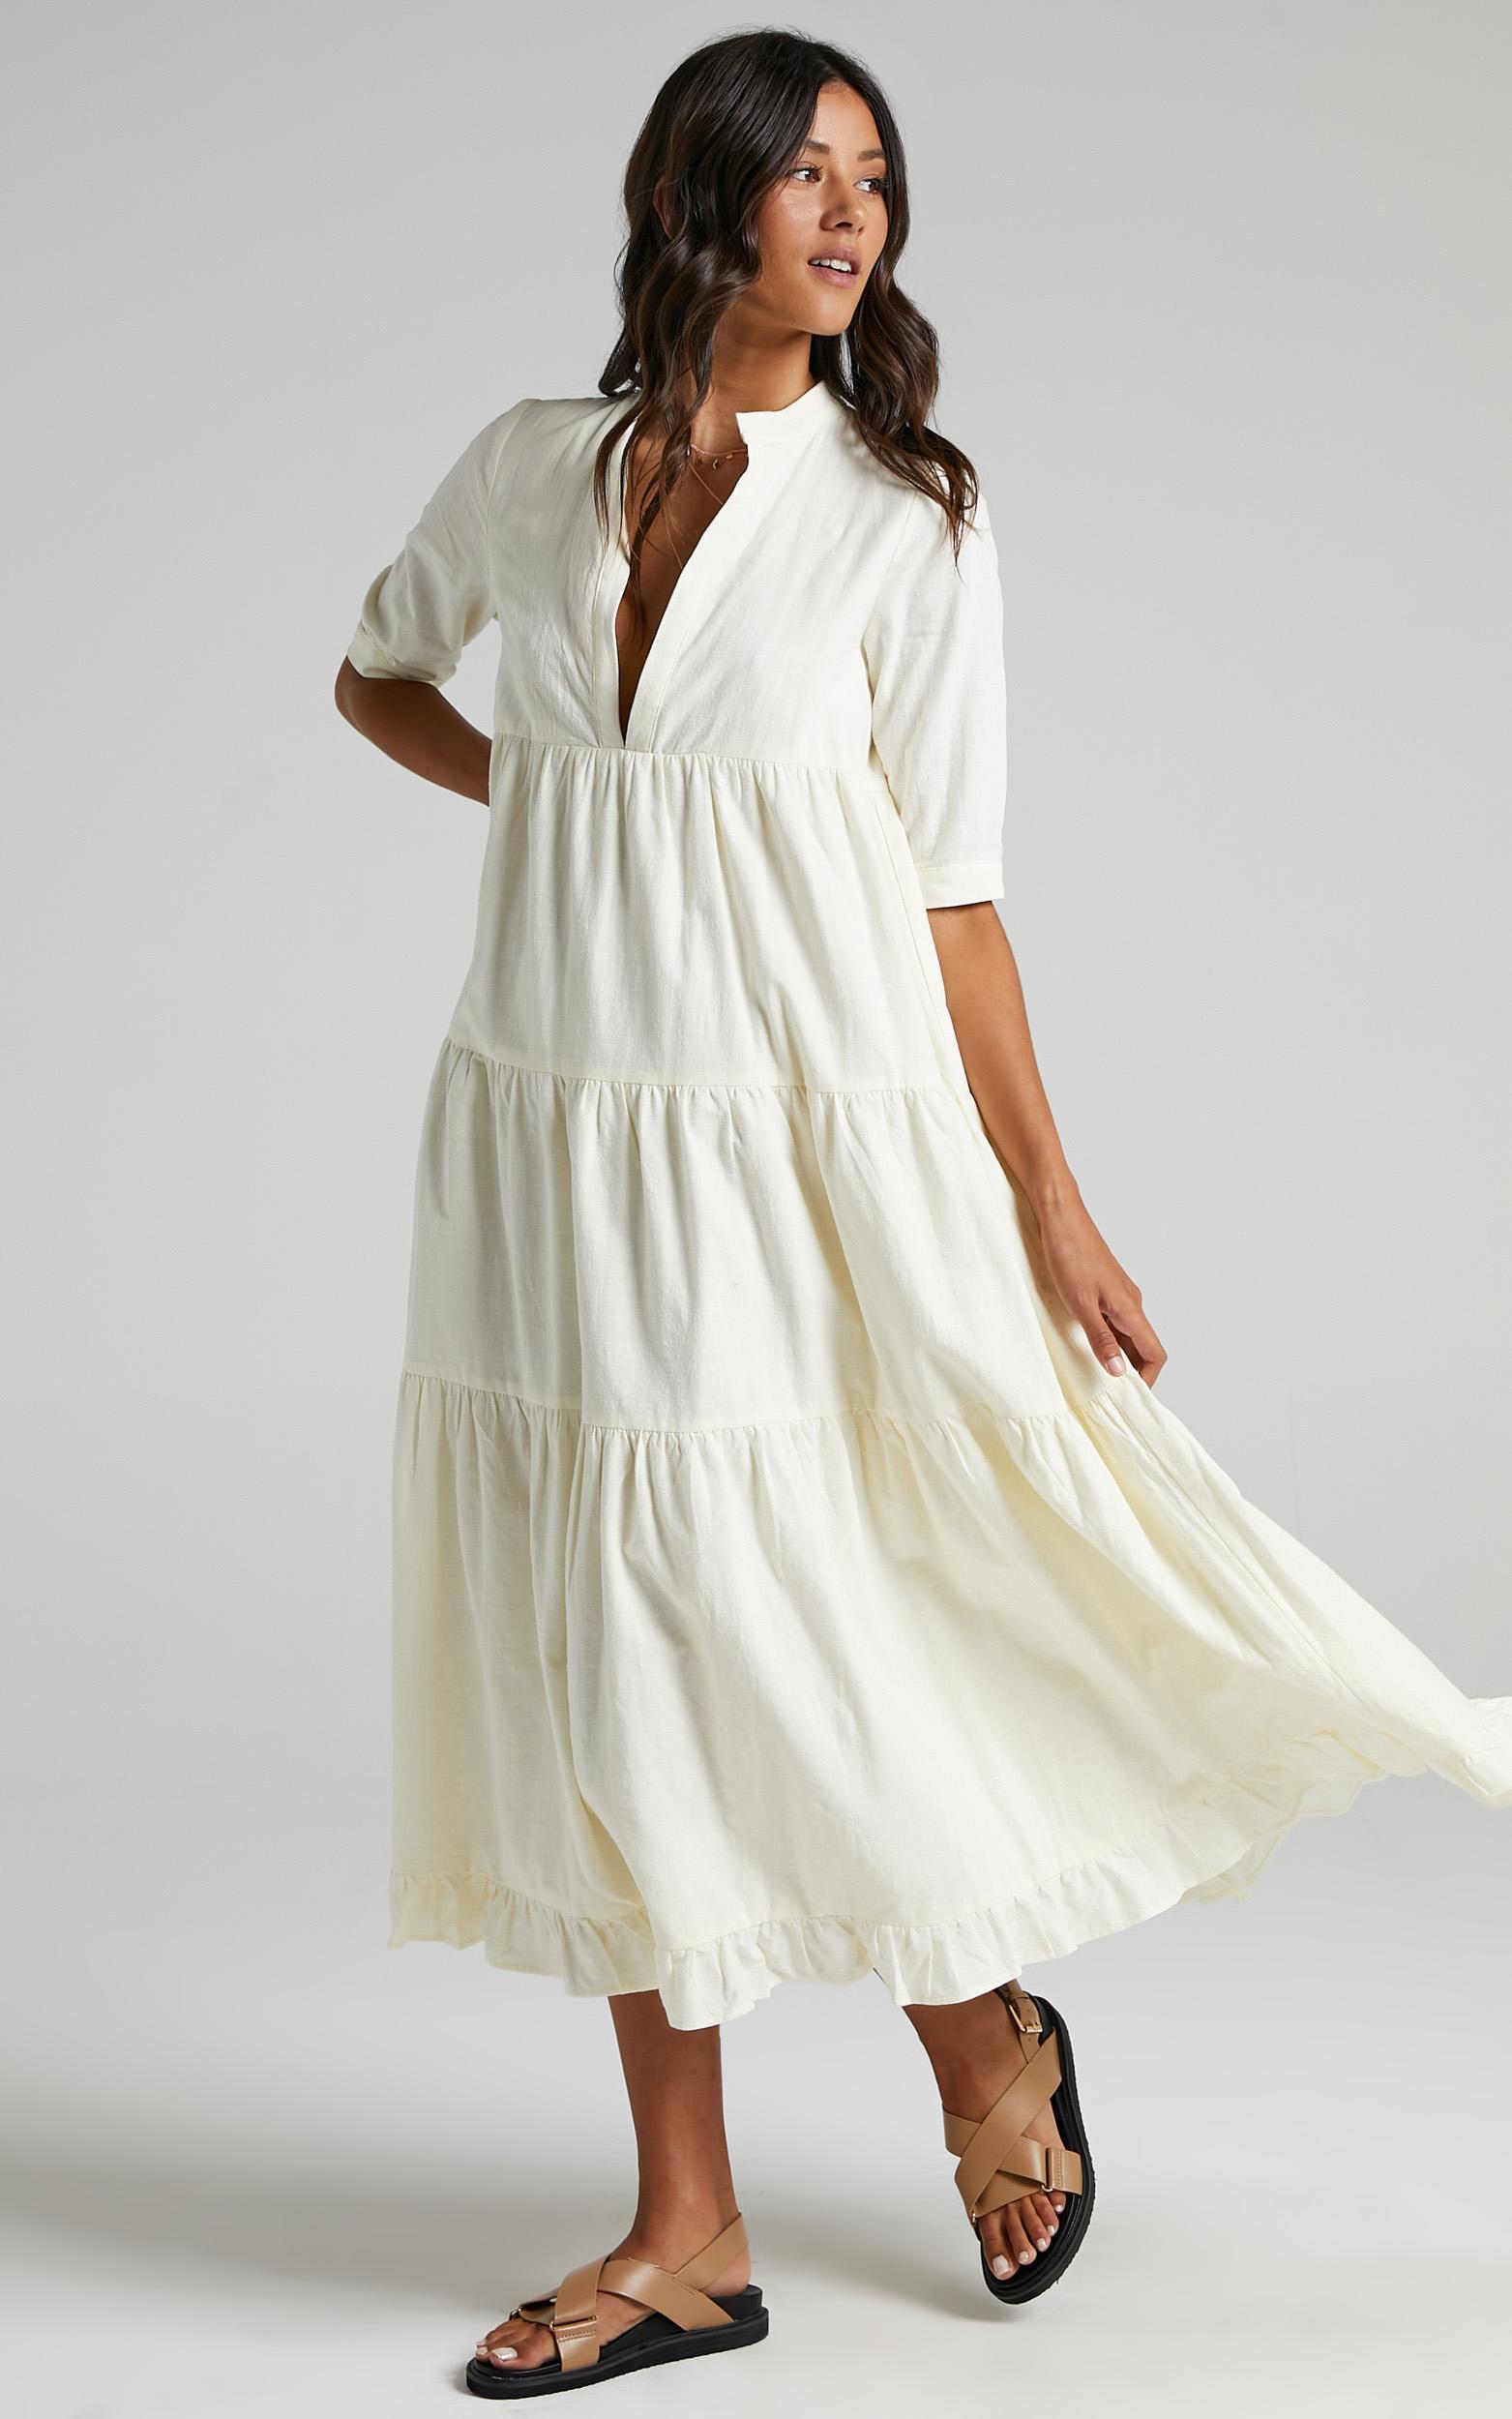 Serilda Dress in Cream - 08, CRE1, hi-res image number null